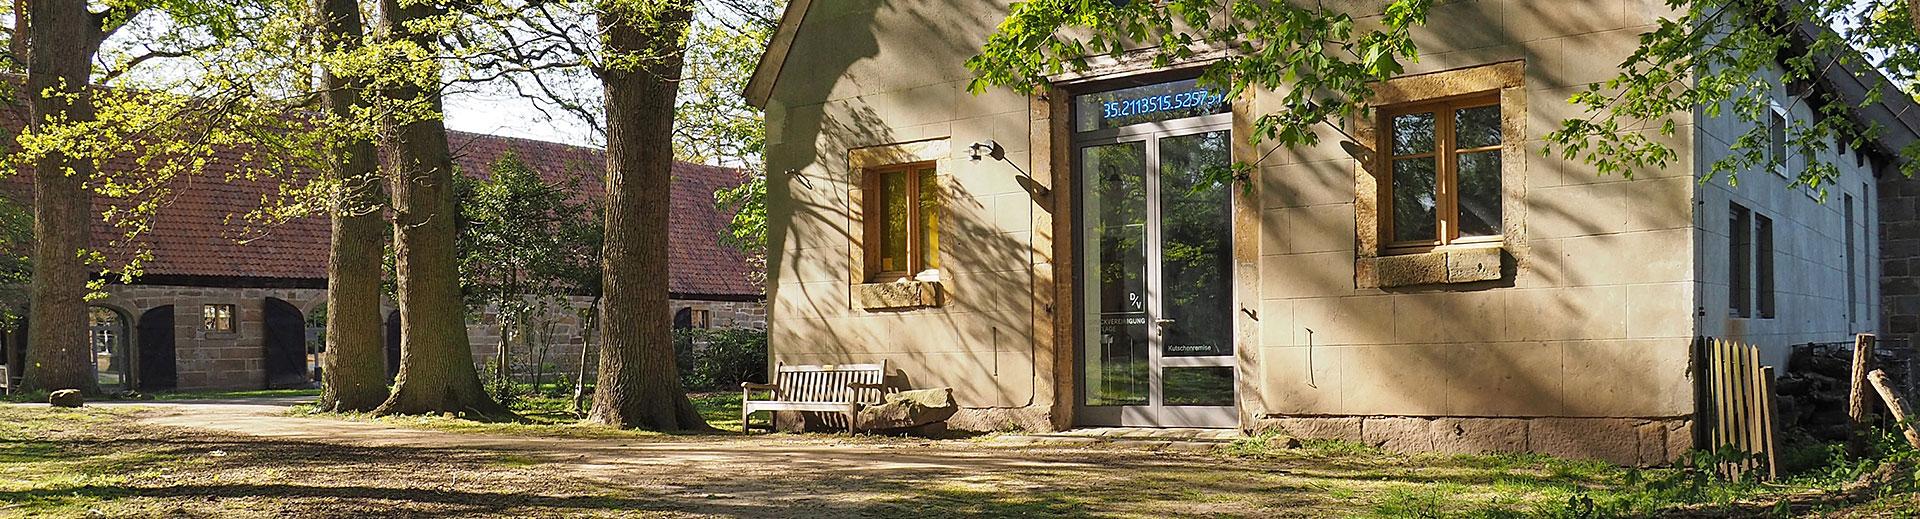 Workshops Kloster Bentlage Rheine | Aussenansicht | Druckwerkstatt